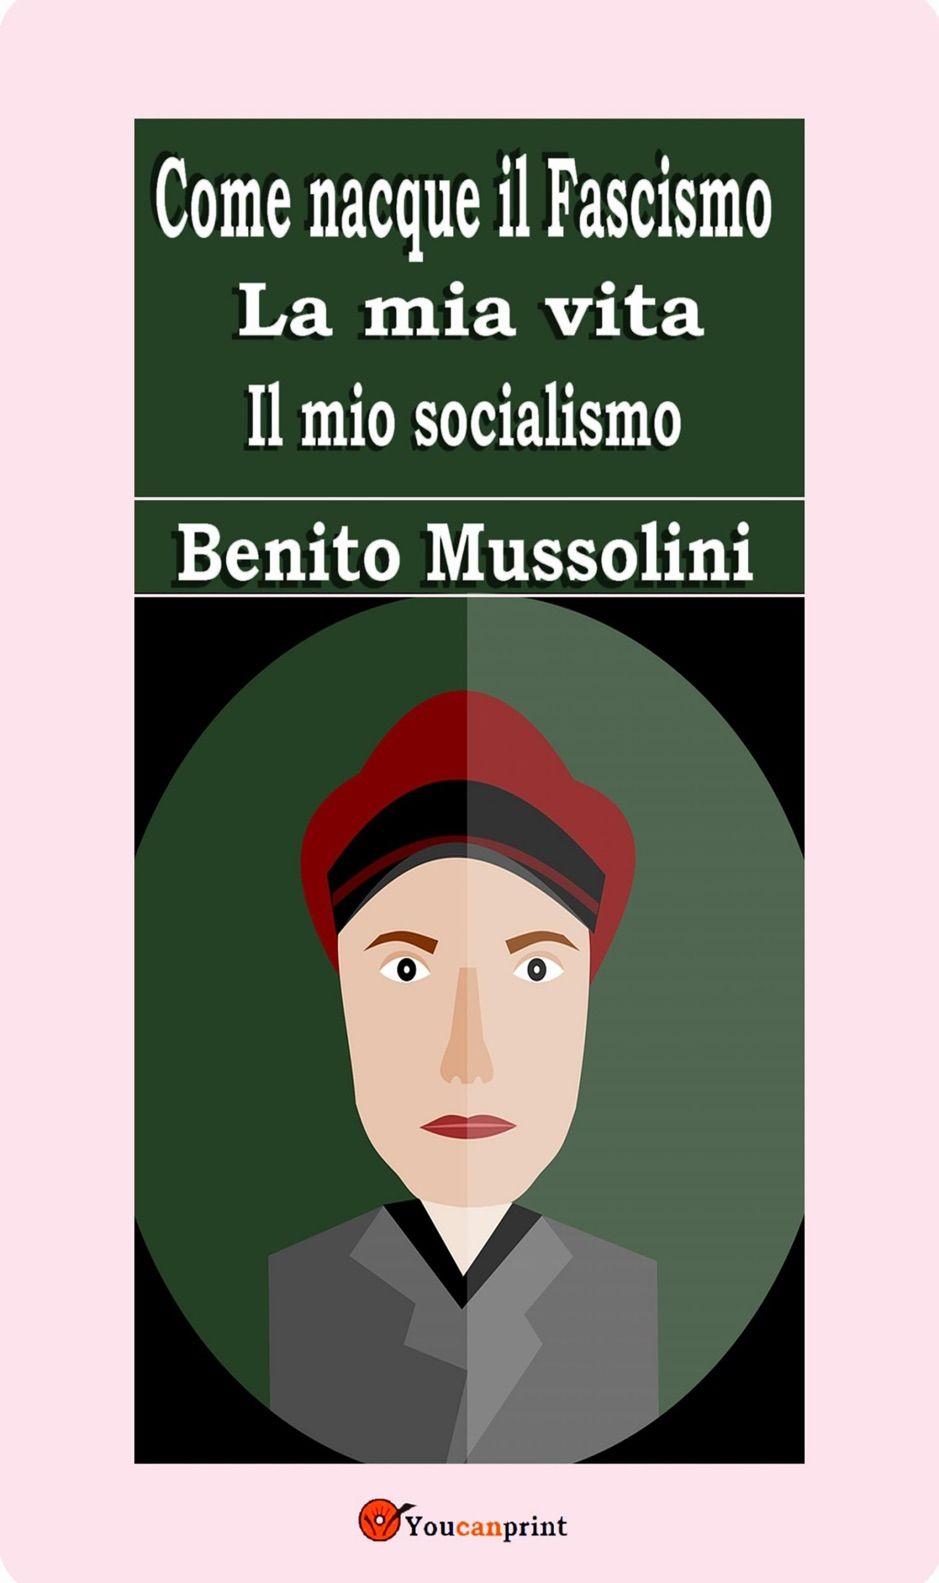 A Zcome Nacque Il Fascismo La Mia Vita Il Mio Socialismo Sponsored Mia La Il Vita Ad Animal Logo Logo Food Pets